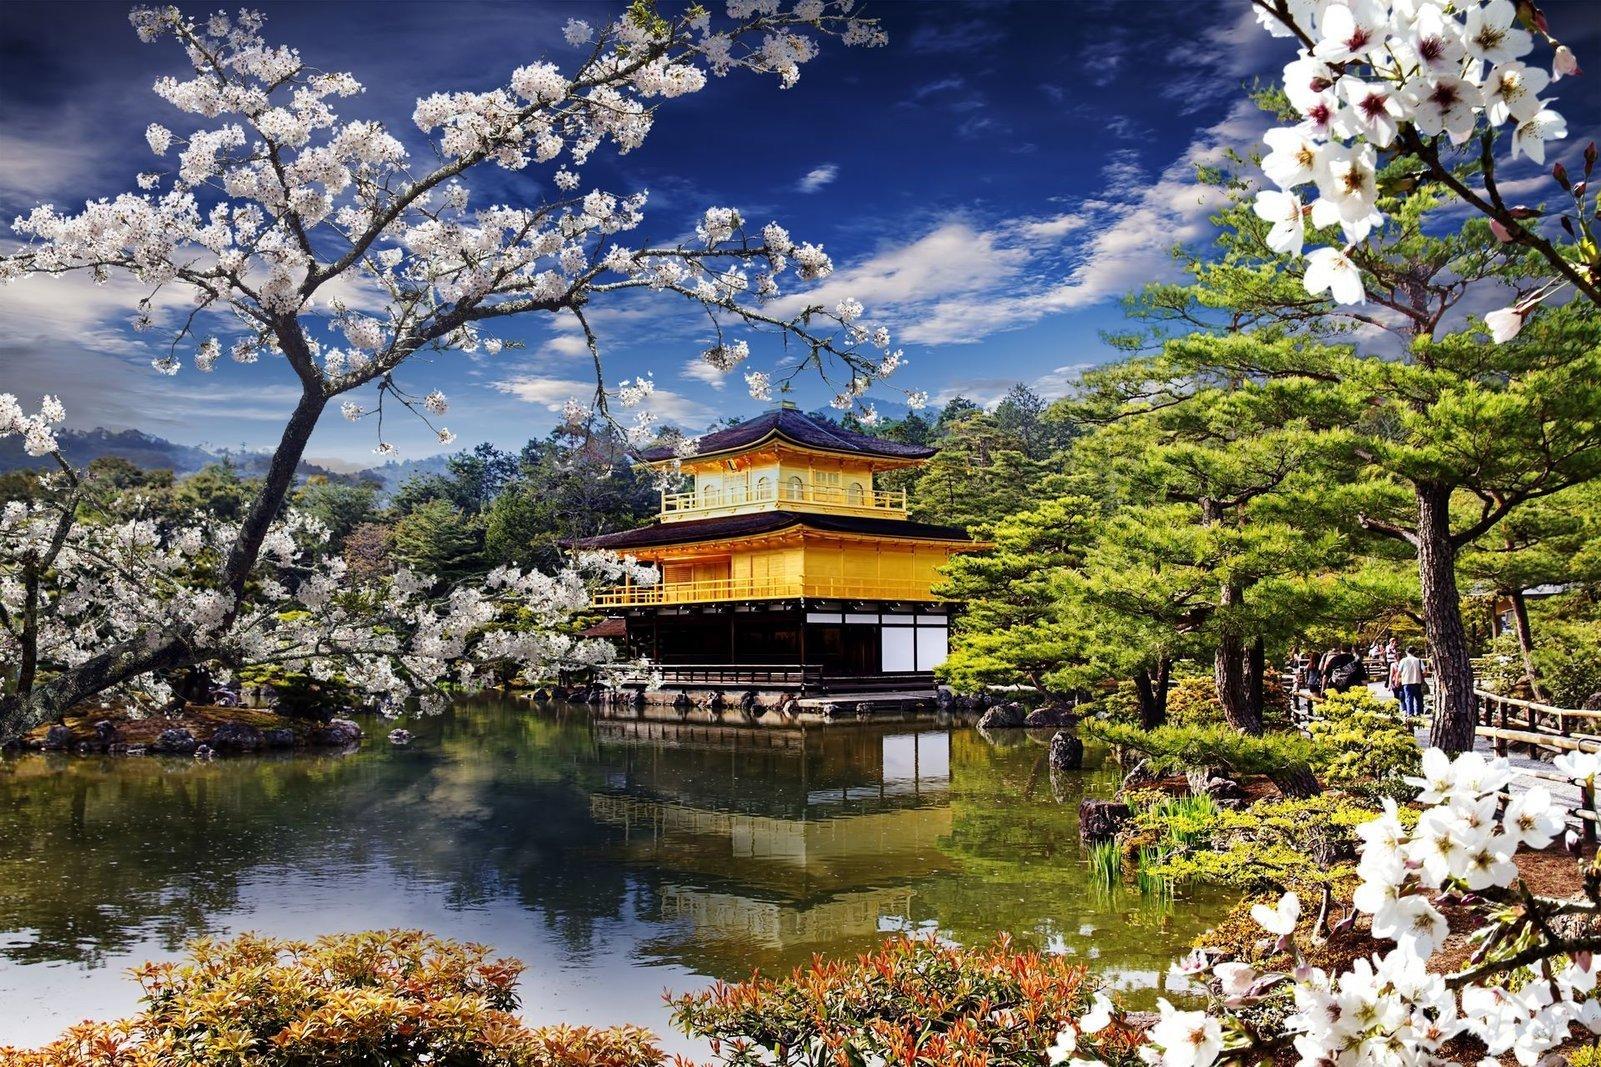 Ανοίγει τα σύνορά της η Ιαπωνία τον Οκτώβριο